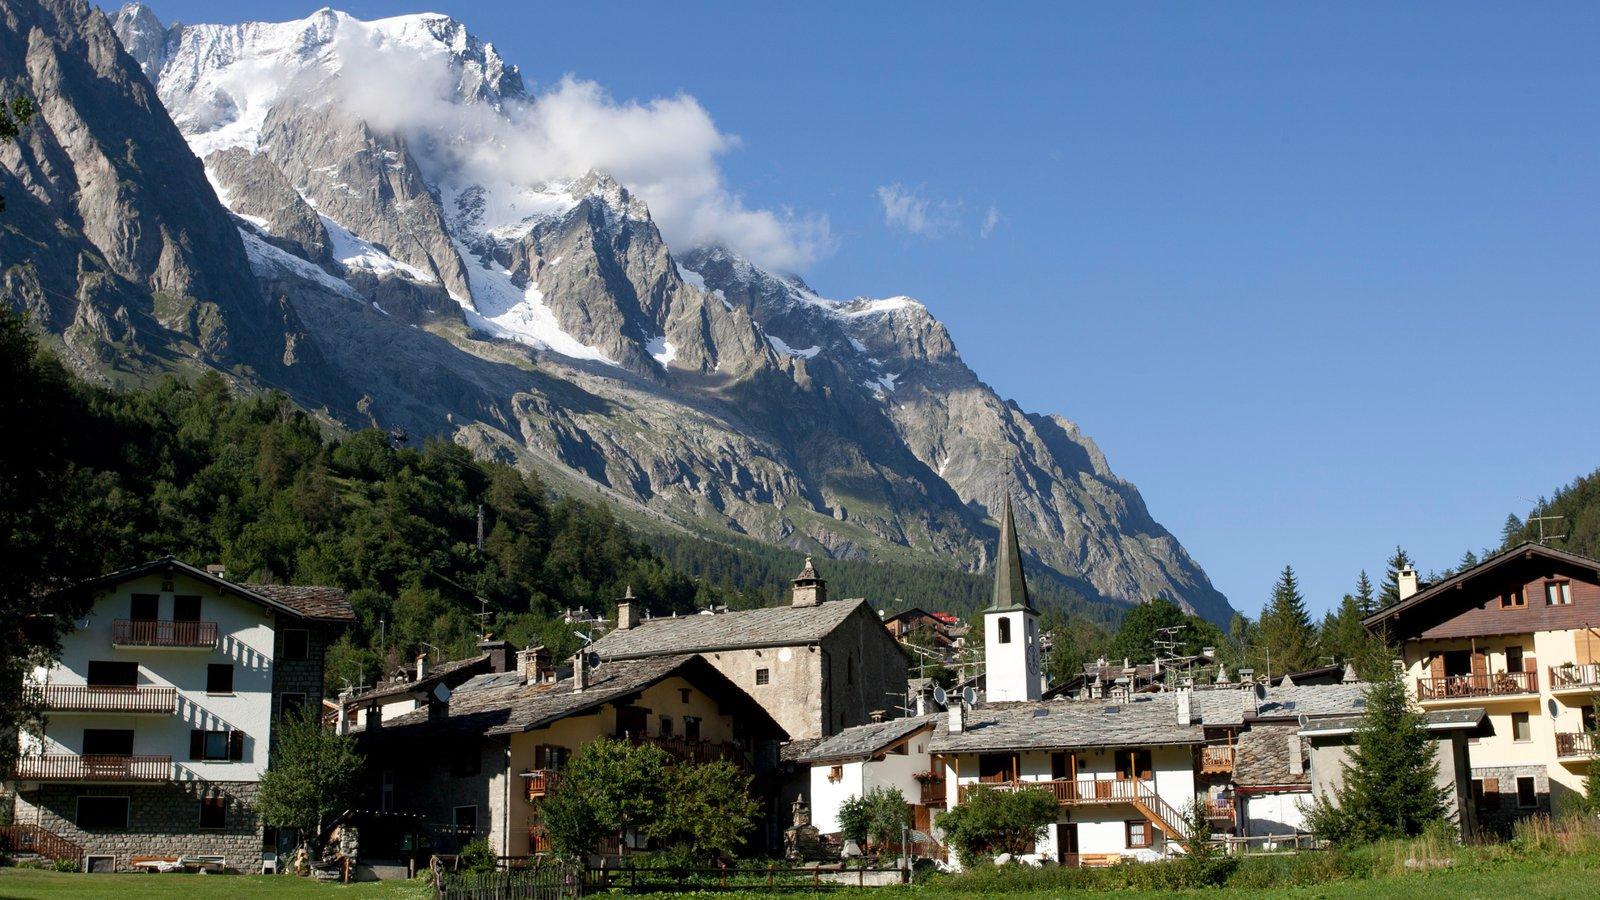 Courmayeur mostrando nieve, una pequeña ciudad o pueblo y montañas